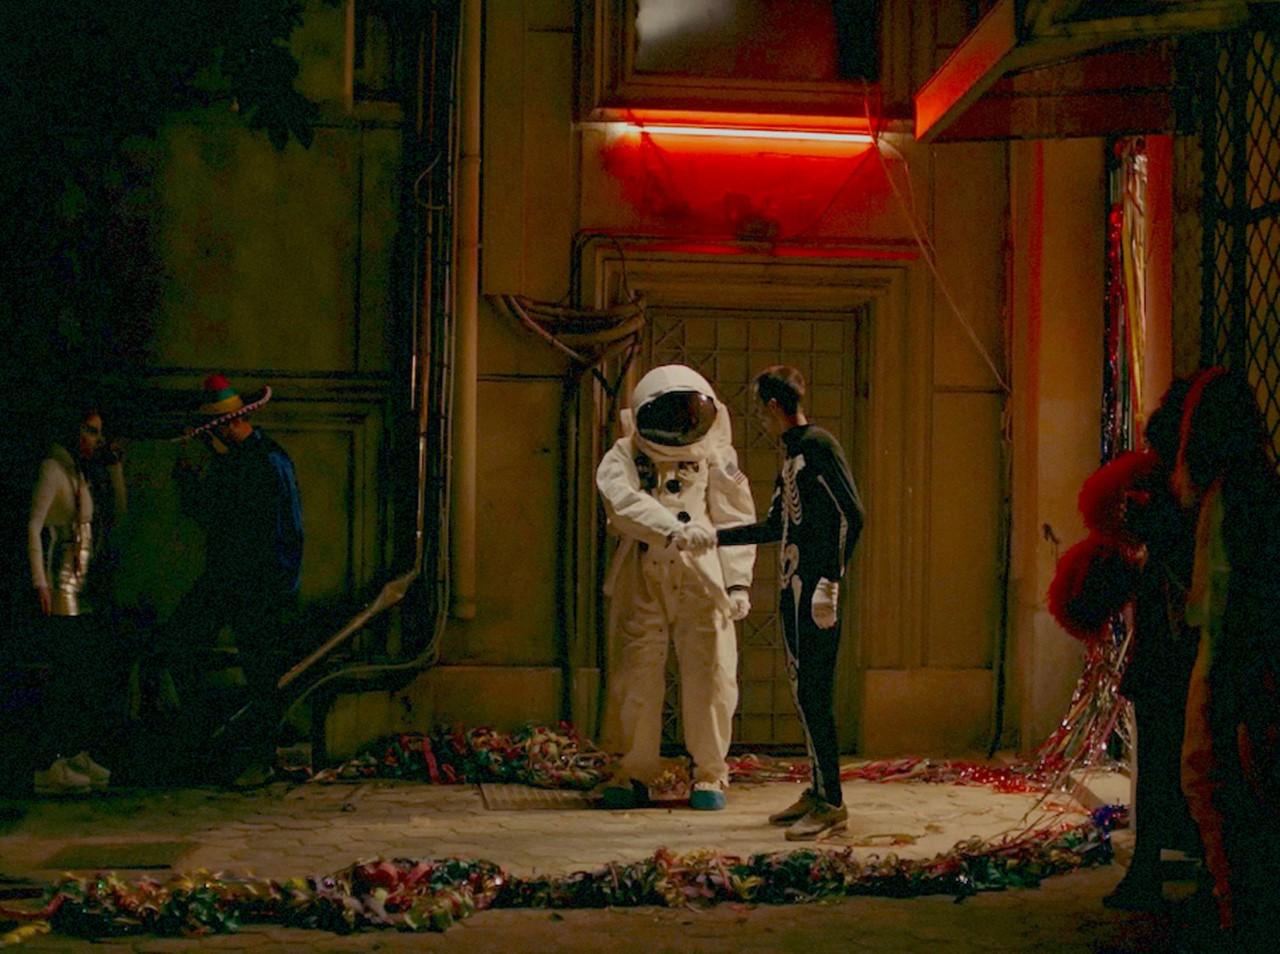 ταινία Μήλα, αστροναύτης